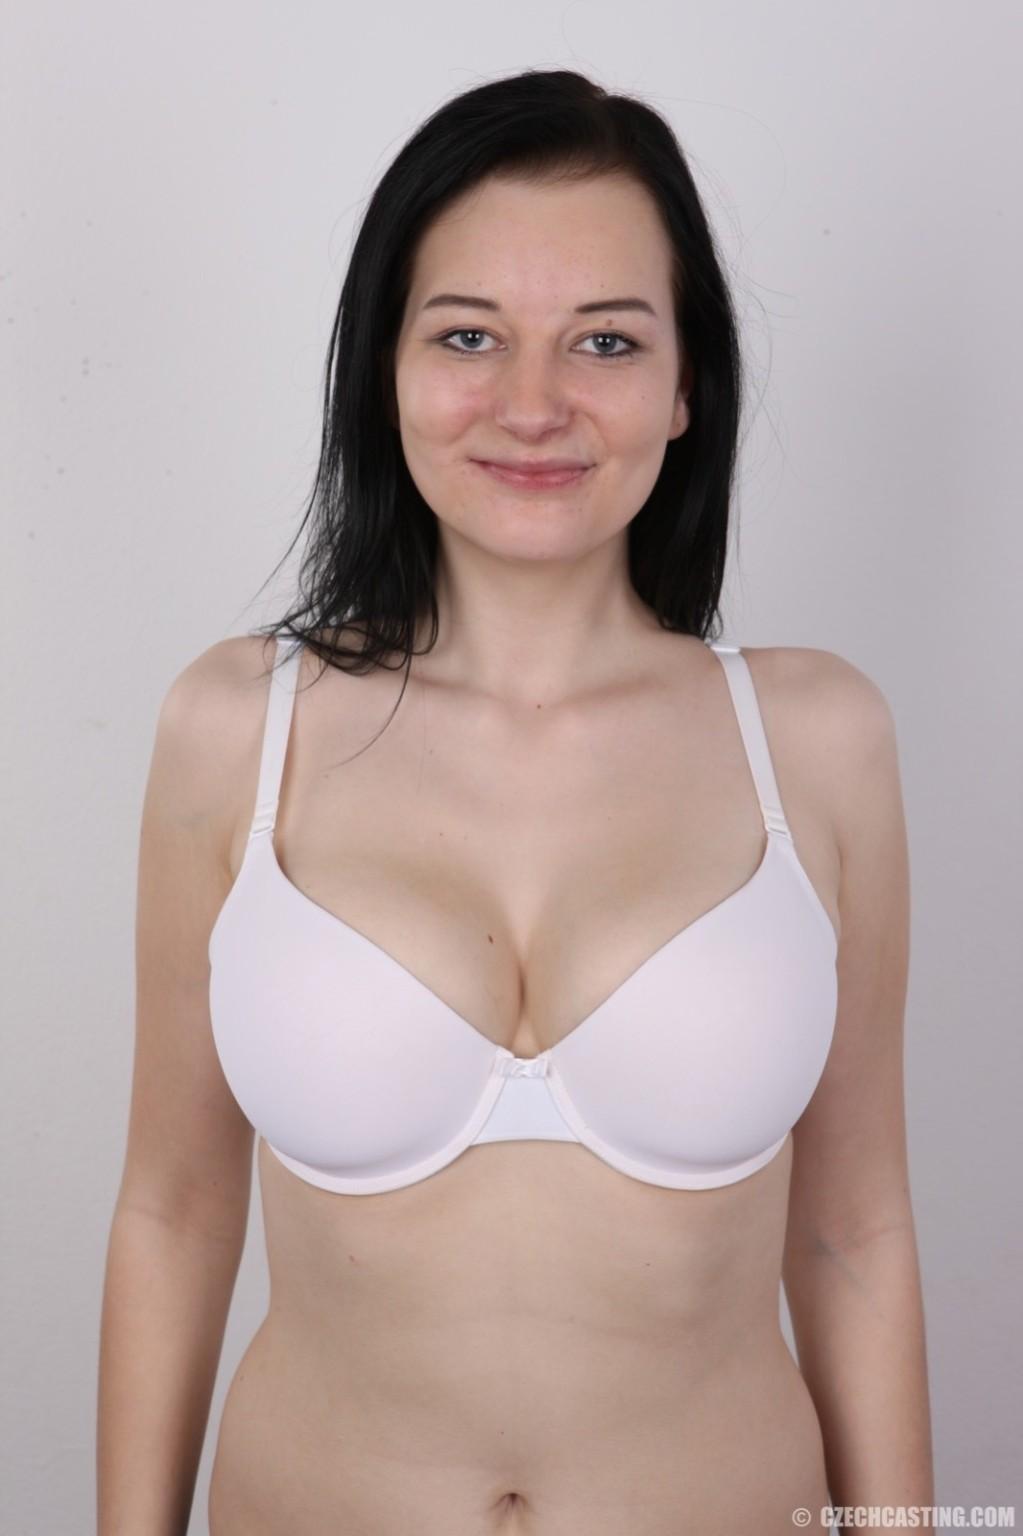 В чешском кастинге девушка решает показать всю себя без одежды и не стесняется камеры